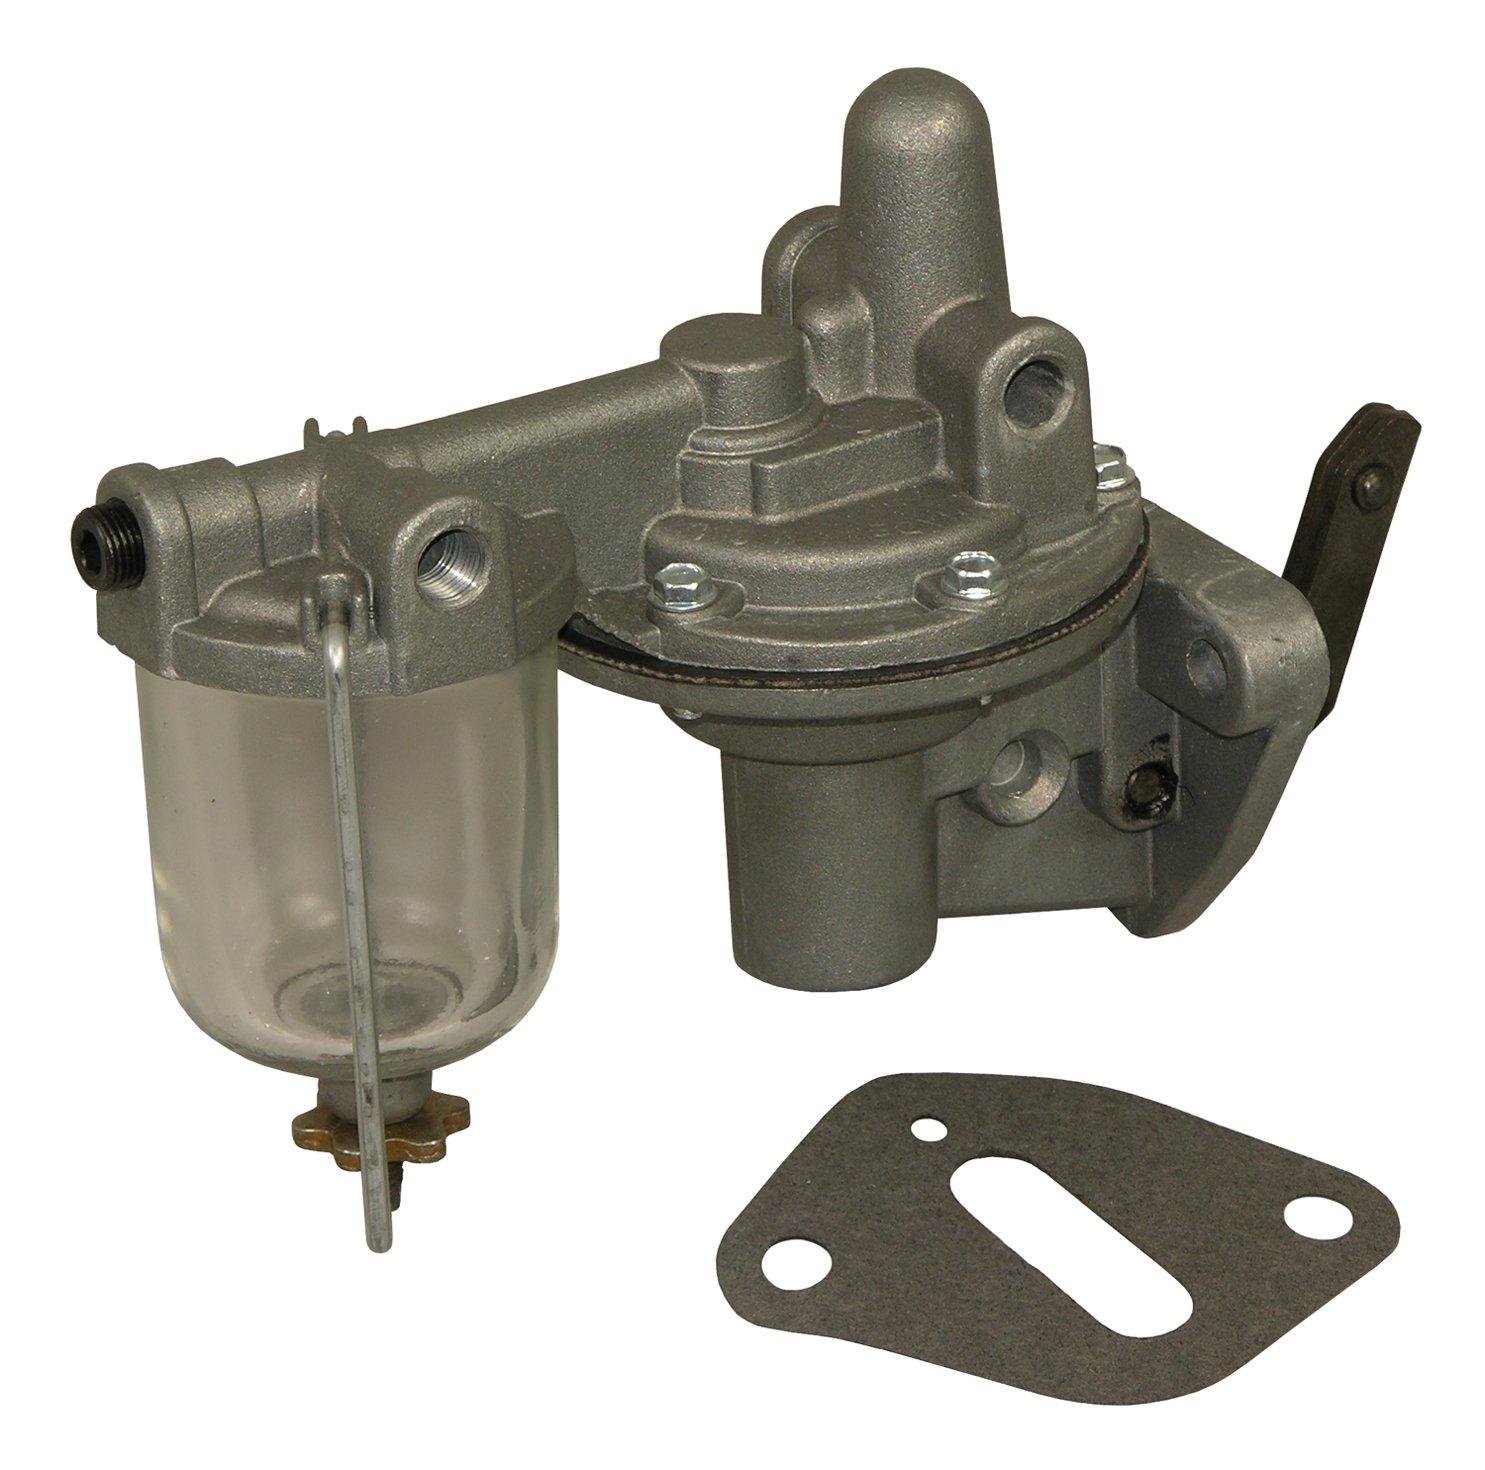 Airtex 587 Mechanical Fuel Pump